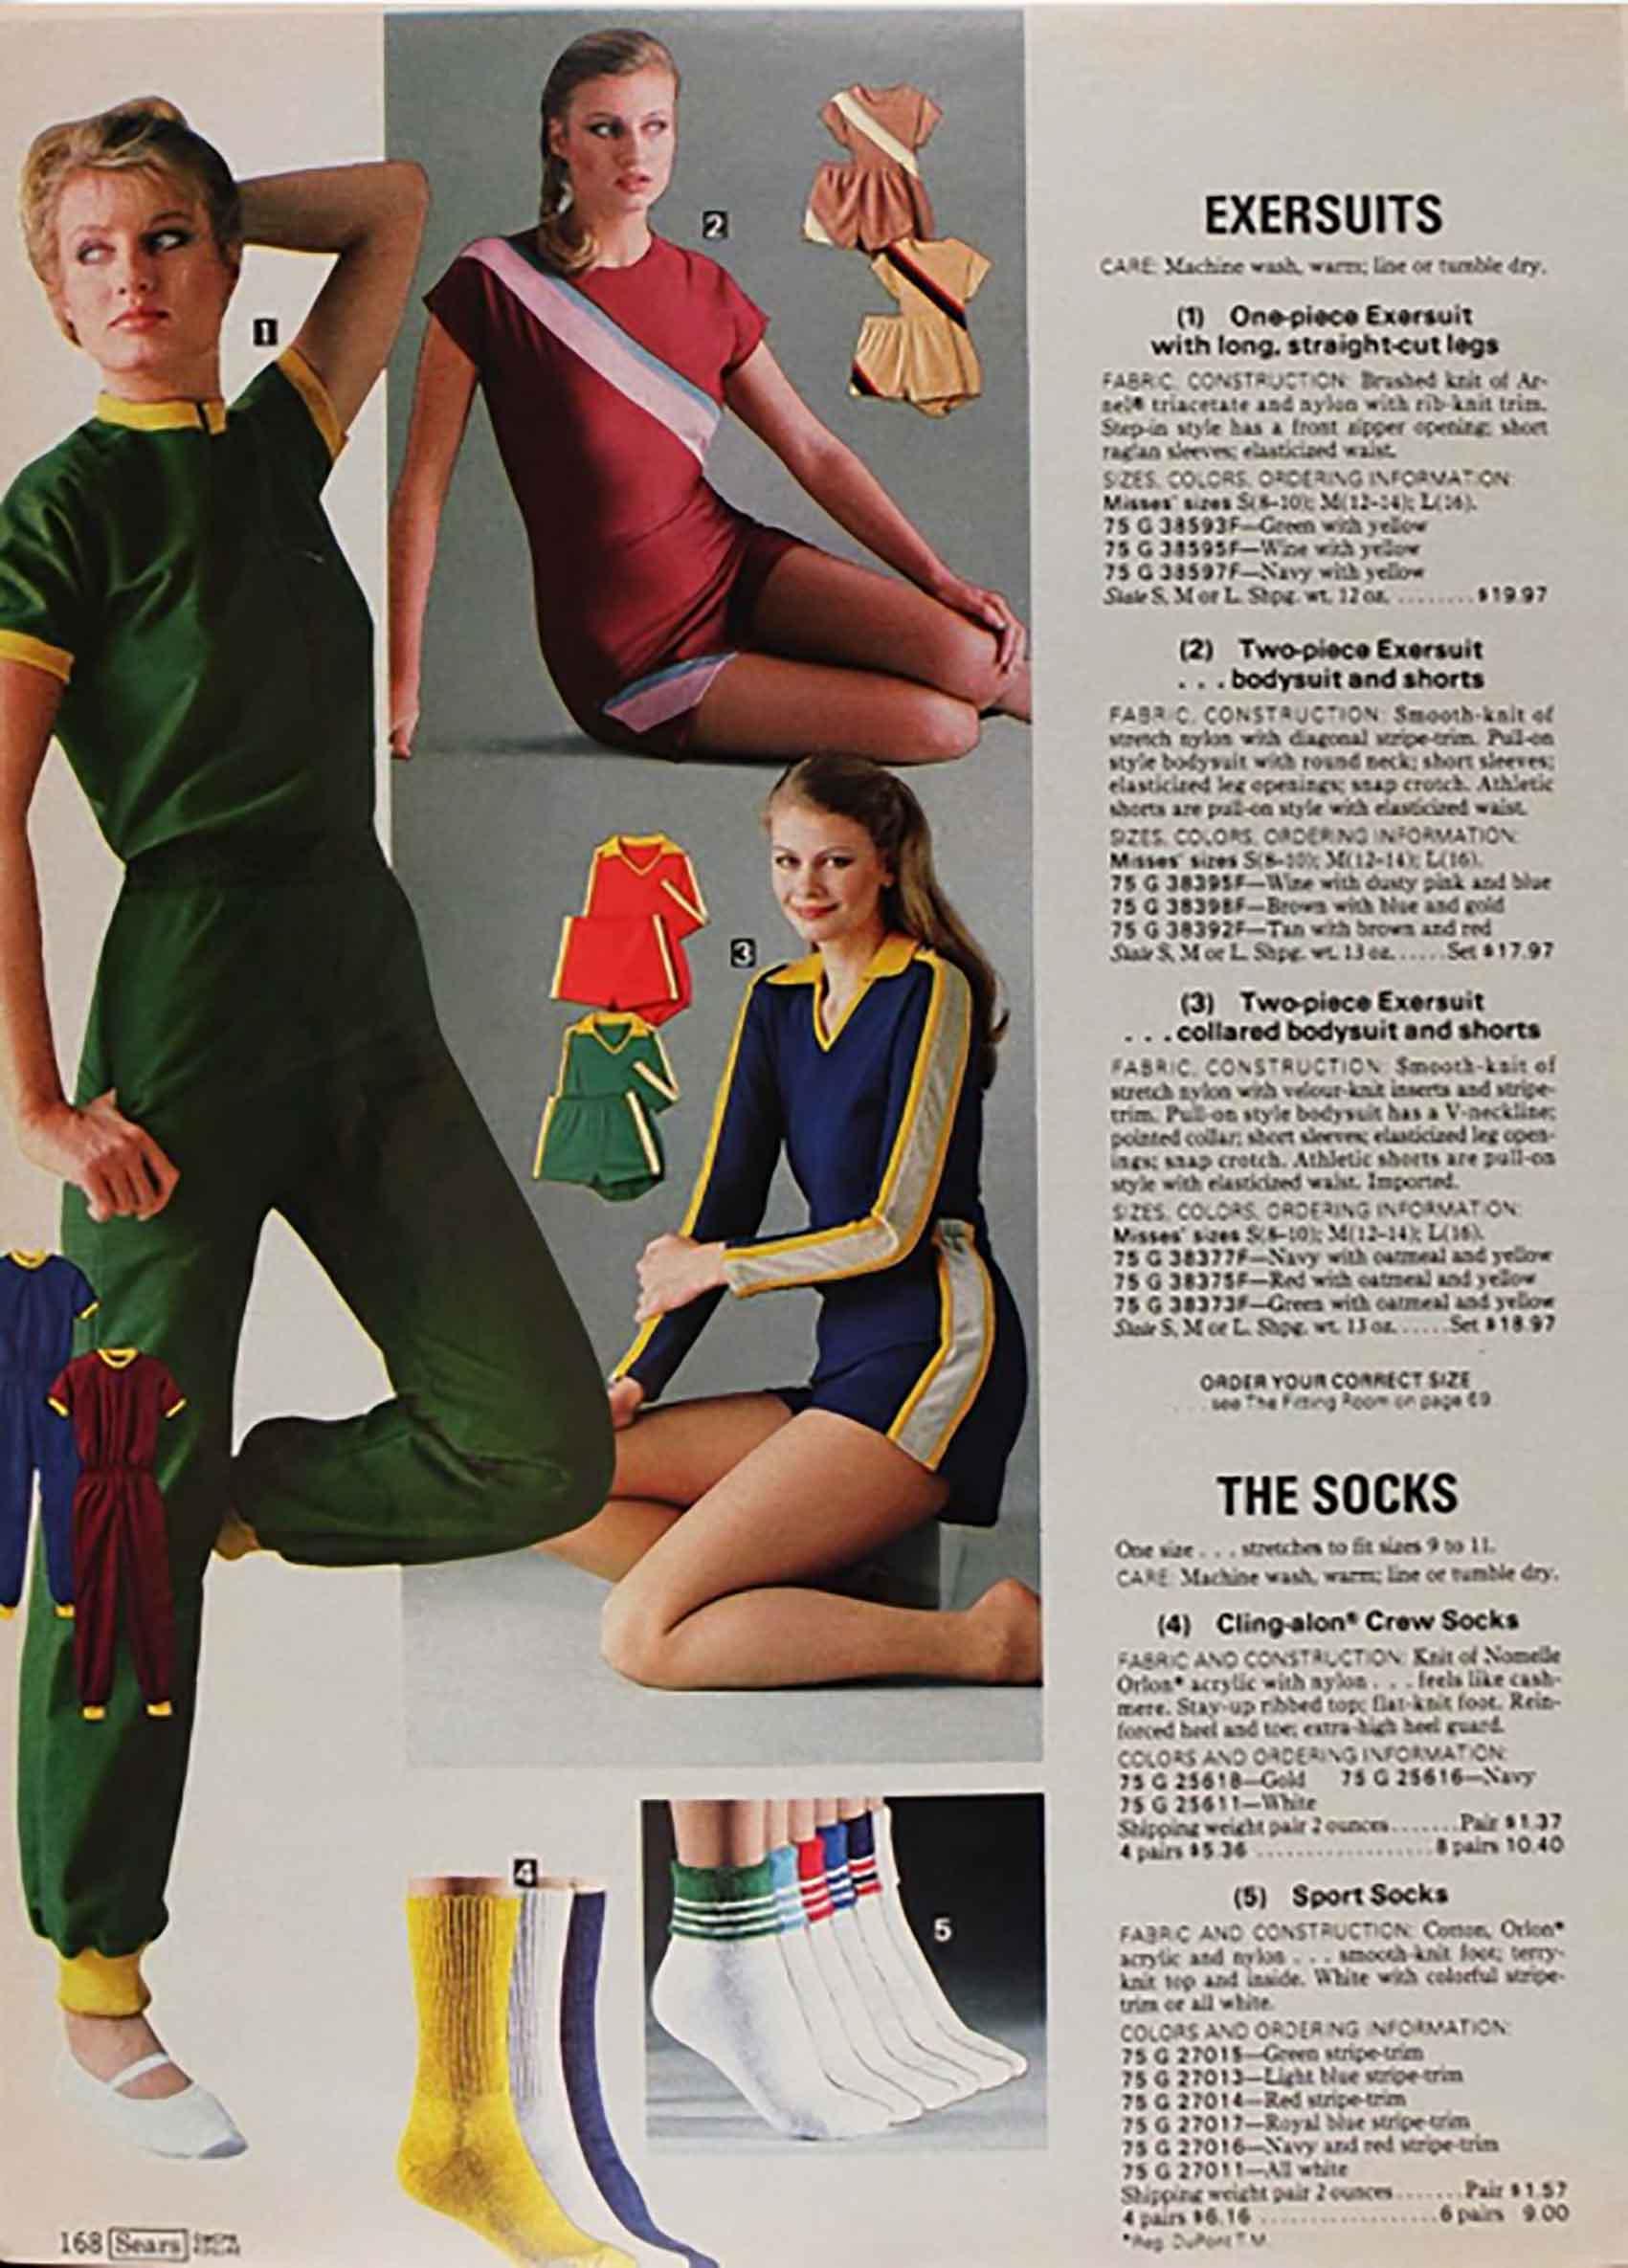 חליפות אקסר, קטלוג סירס 1978-מגזין אופנה